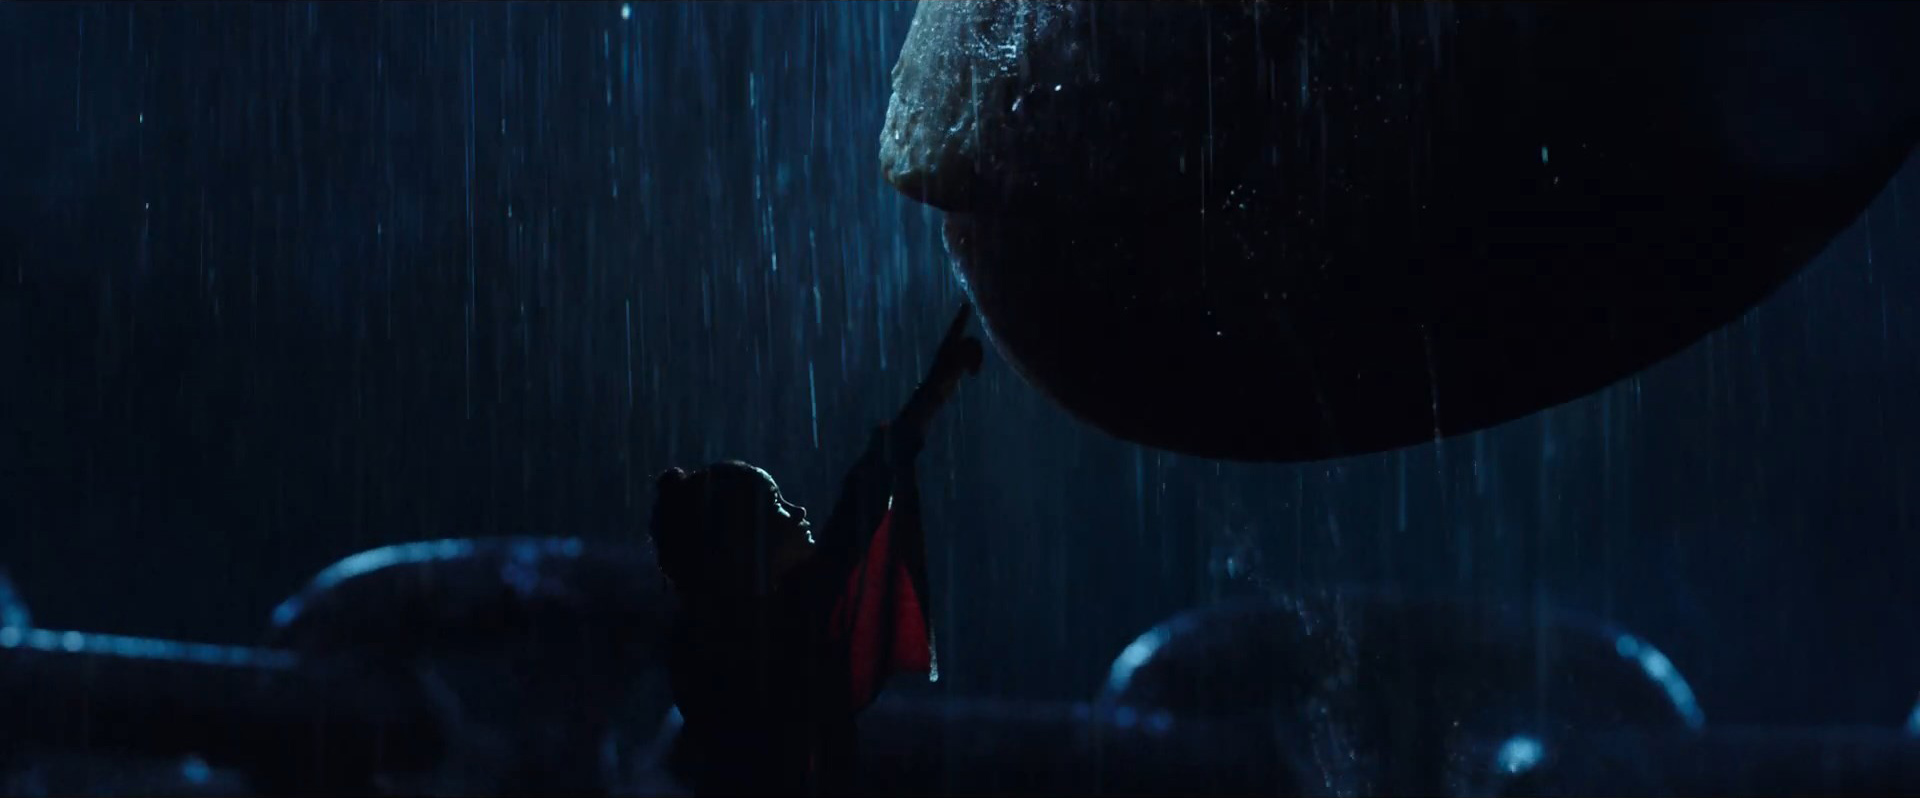 Godzilla vs Kong Trailer Still 24